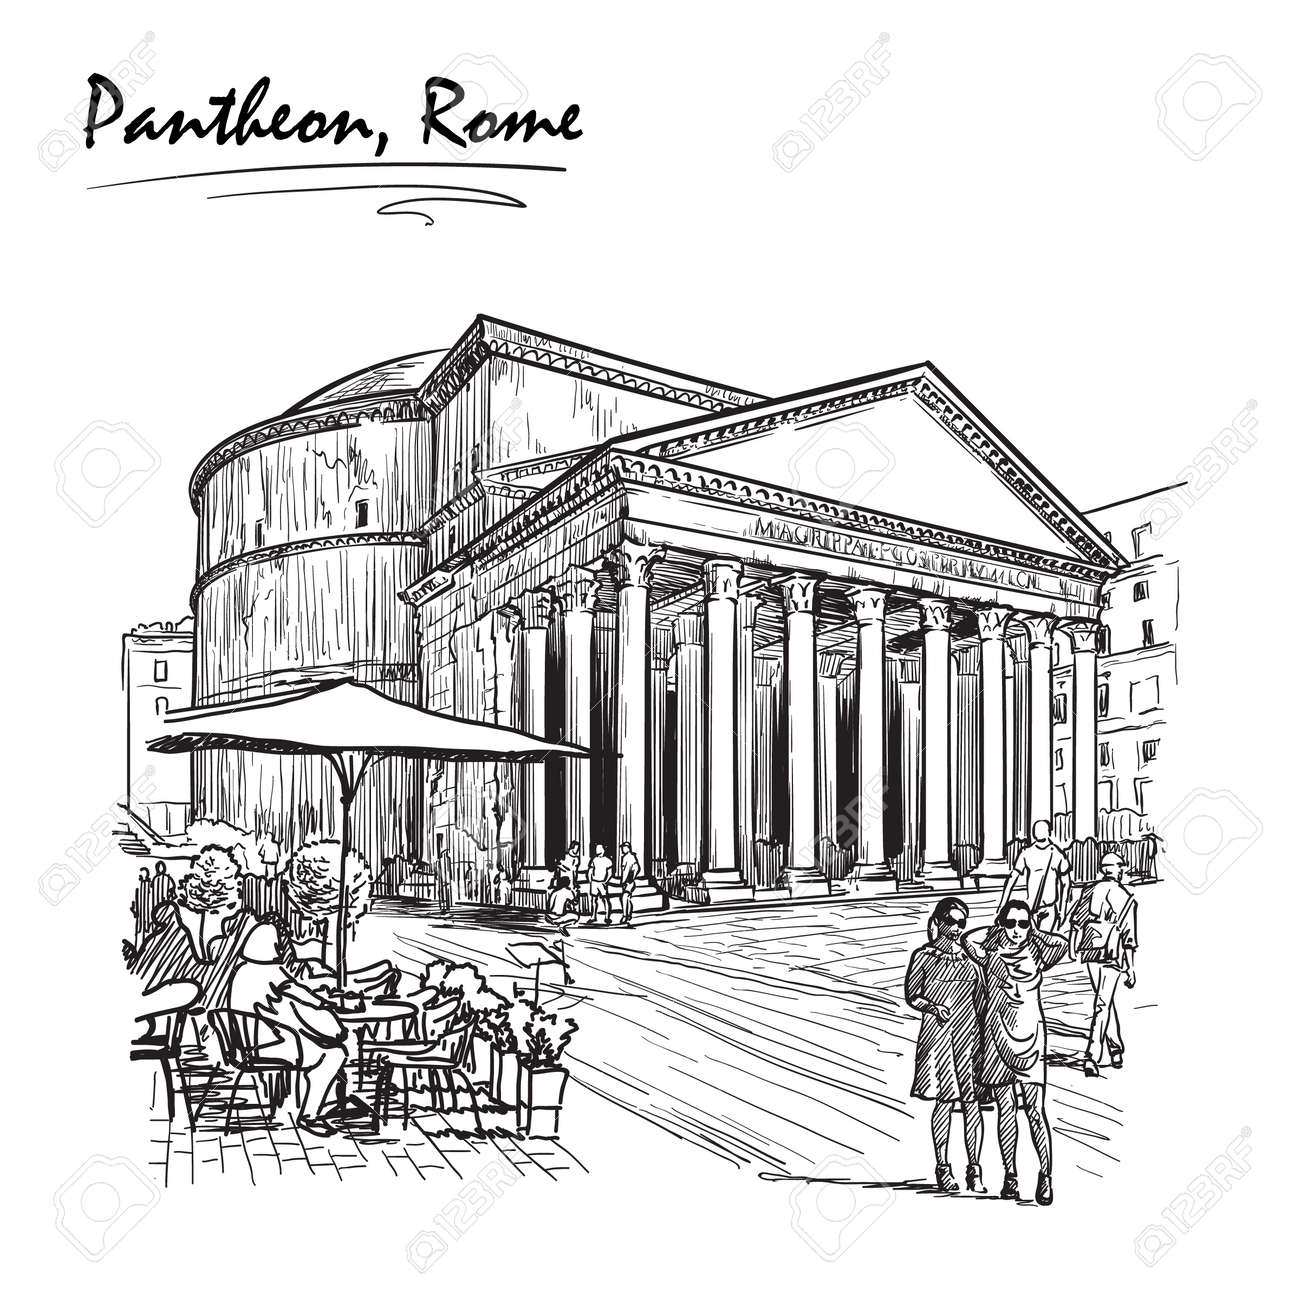 Das Stadtleben Szene In Rom Pantheon Und Gruppen Von Menschen Umher